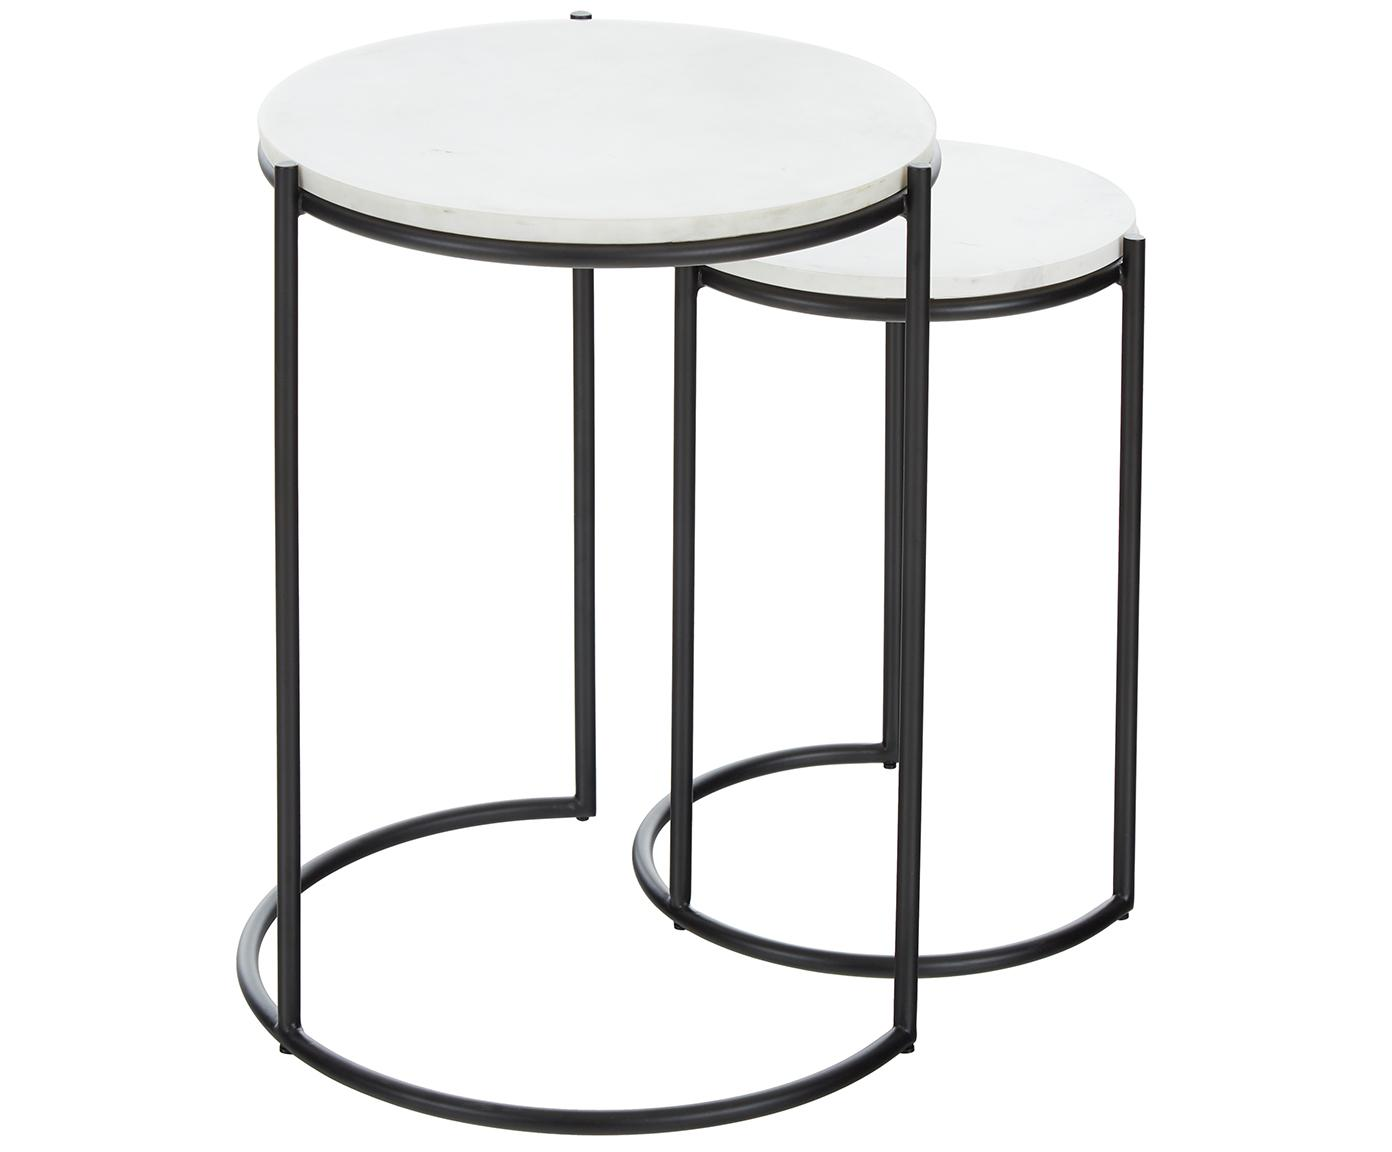 Set 2 tavolini con piano in marmo Ella, Ripiani: pietra naturale di marmo, Struttura: metallo verniciato a polv, Ripiani: marmo bianco Struttura: nero opaco, Diverse dimensioni